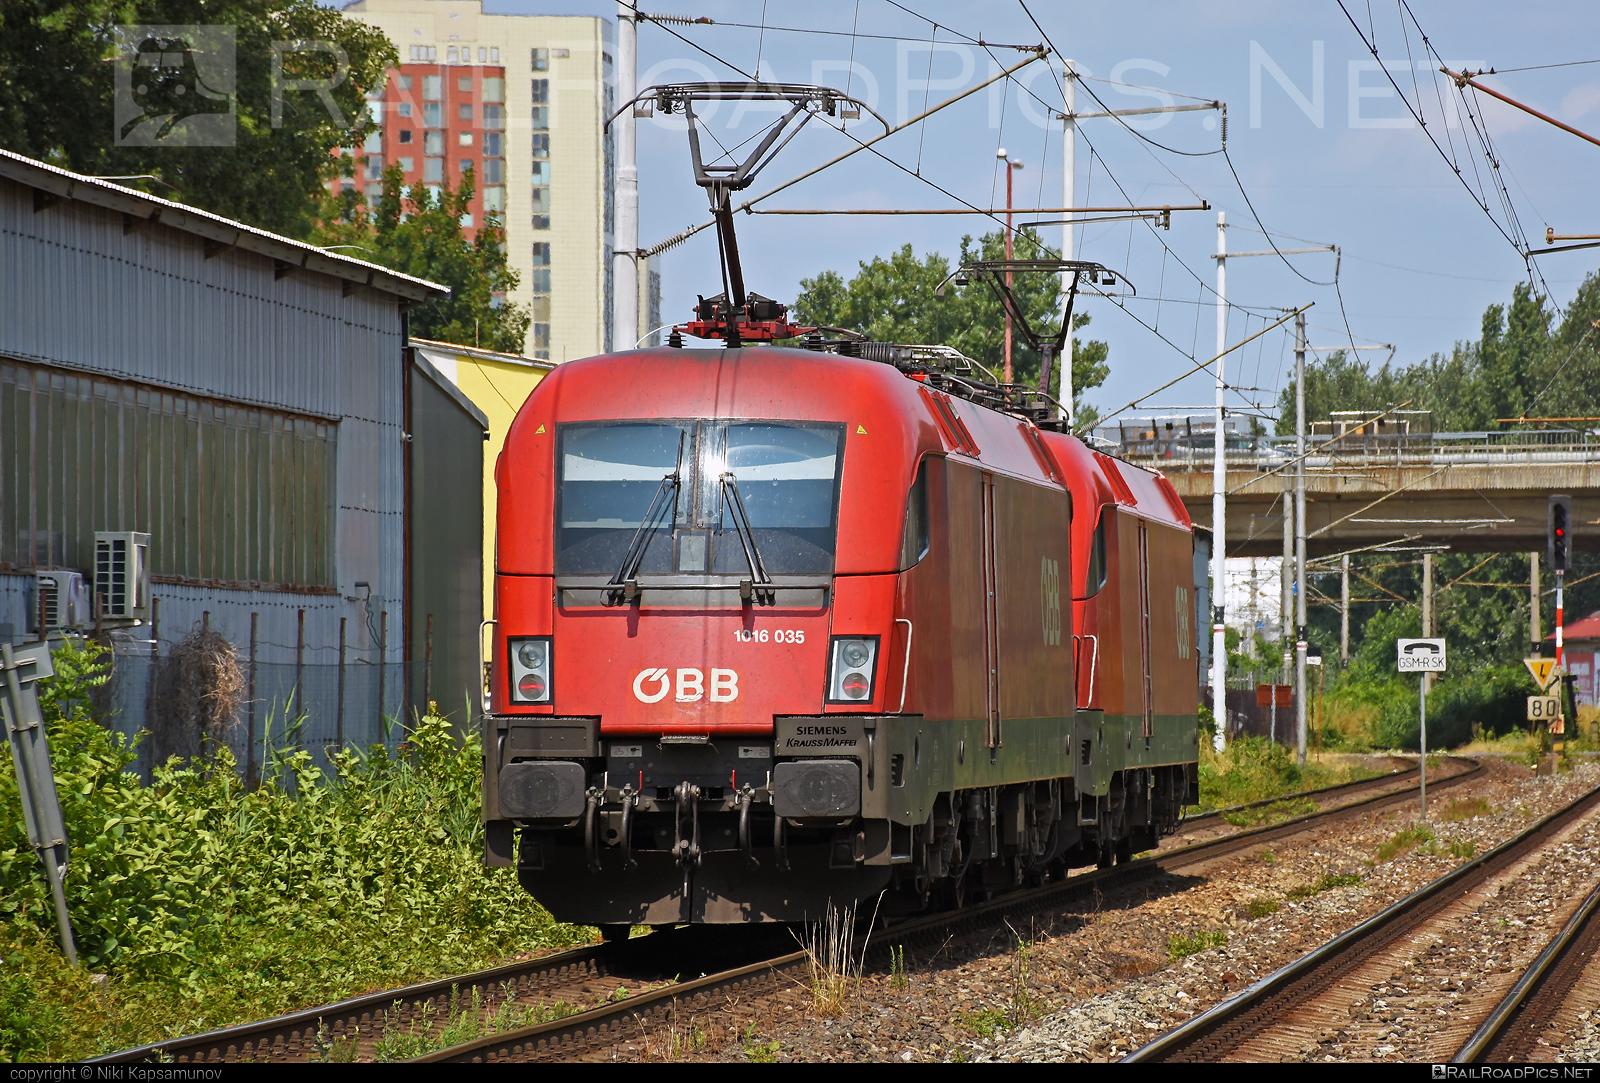 Siemens ES 64 U2 - 1016 035 operated by Rail Cargo Austria AG #es64 #es64u #es64u2 #eurosprinter #obb #osterreichischebundesbahnen #rcw #siemens #siemenses64 #siemenses64u #siemenses64u2 #siemenstaurus #taurus #tauruslocomotive